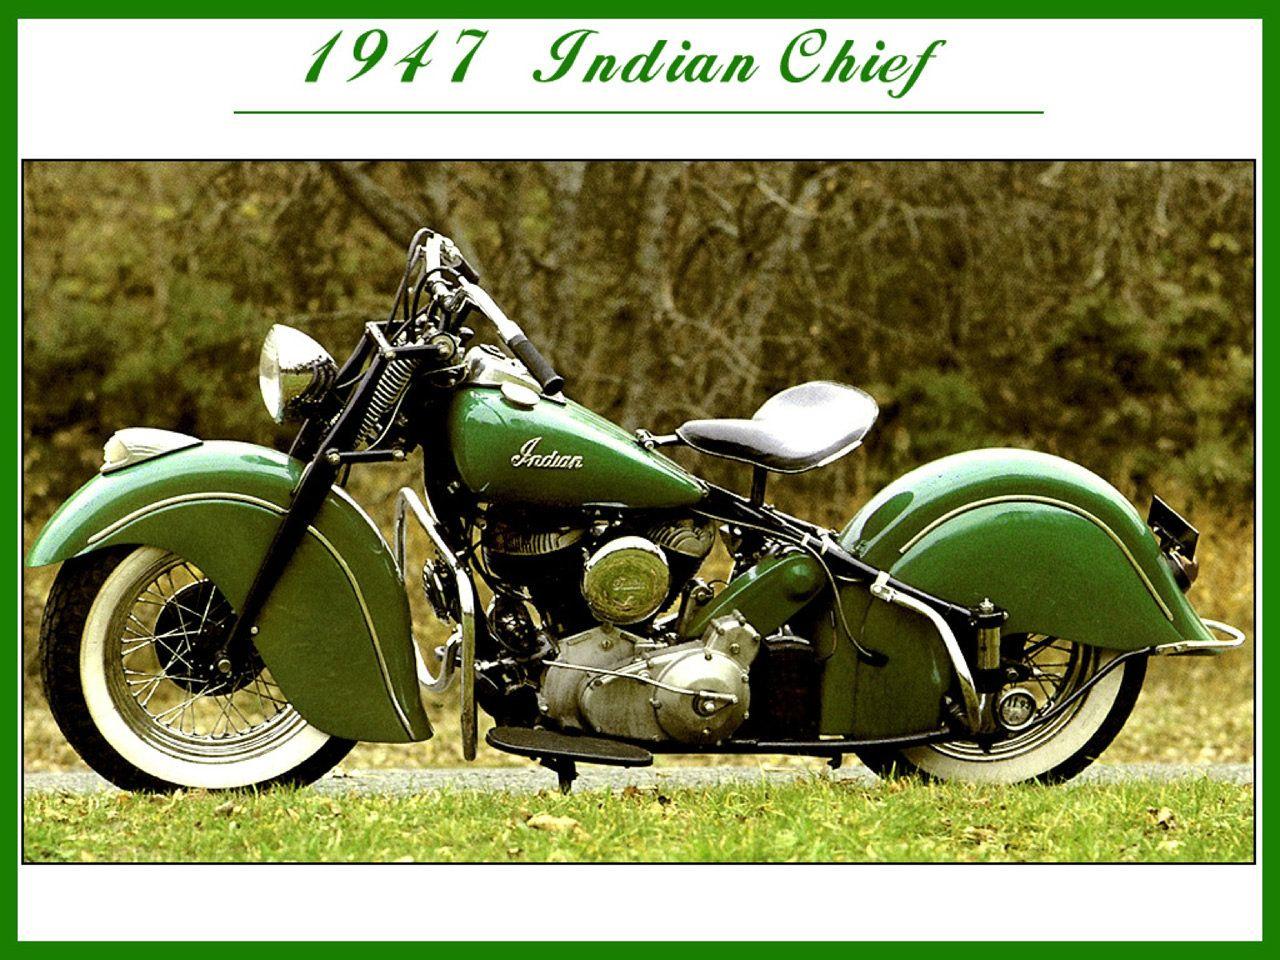 1947 Indian Chief Indian Motorcycle Indian Motorcycle Logo Indian Motorbike